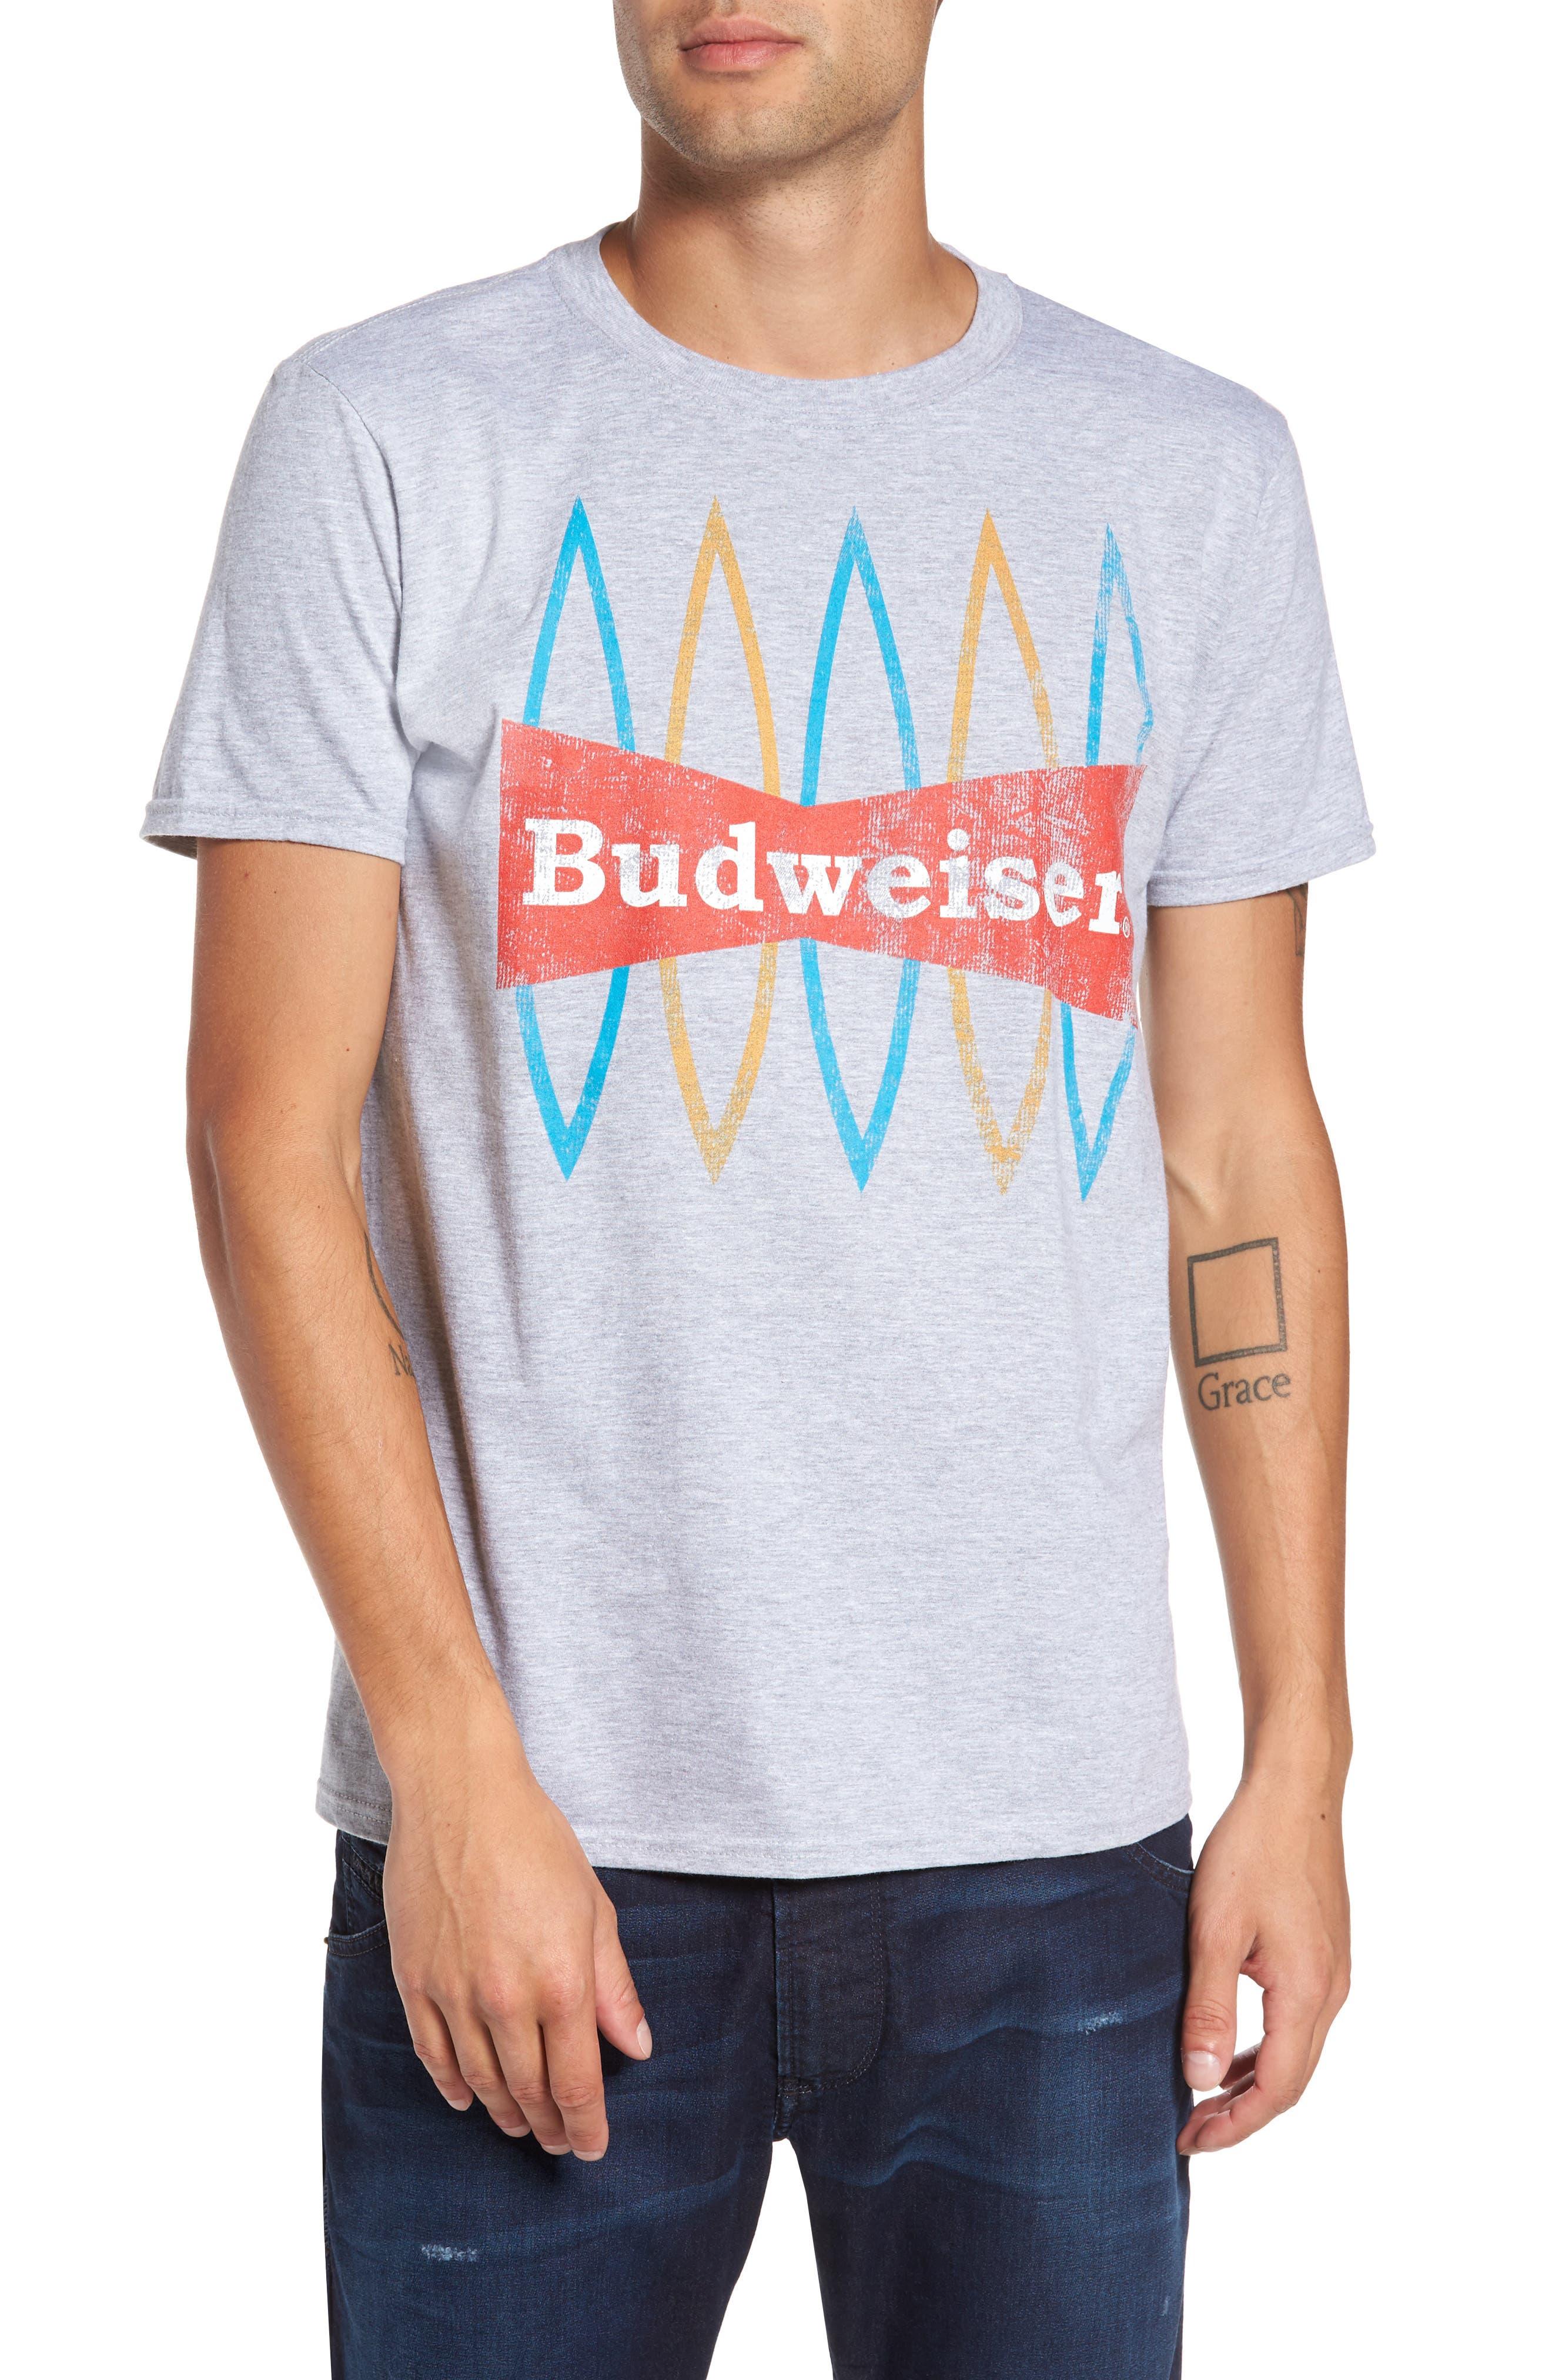 Main Image - The Rail Budweiser® T-Shirt